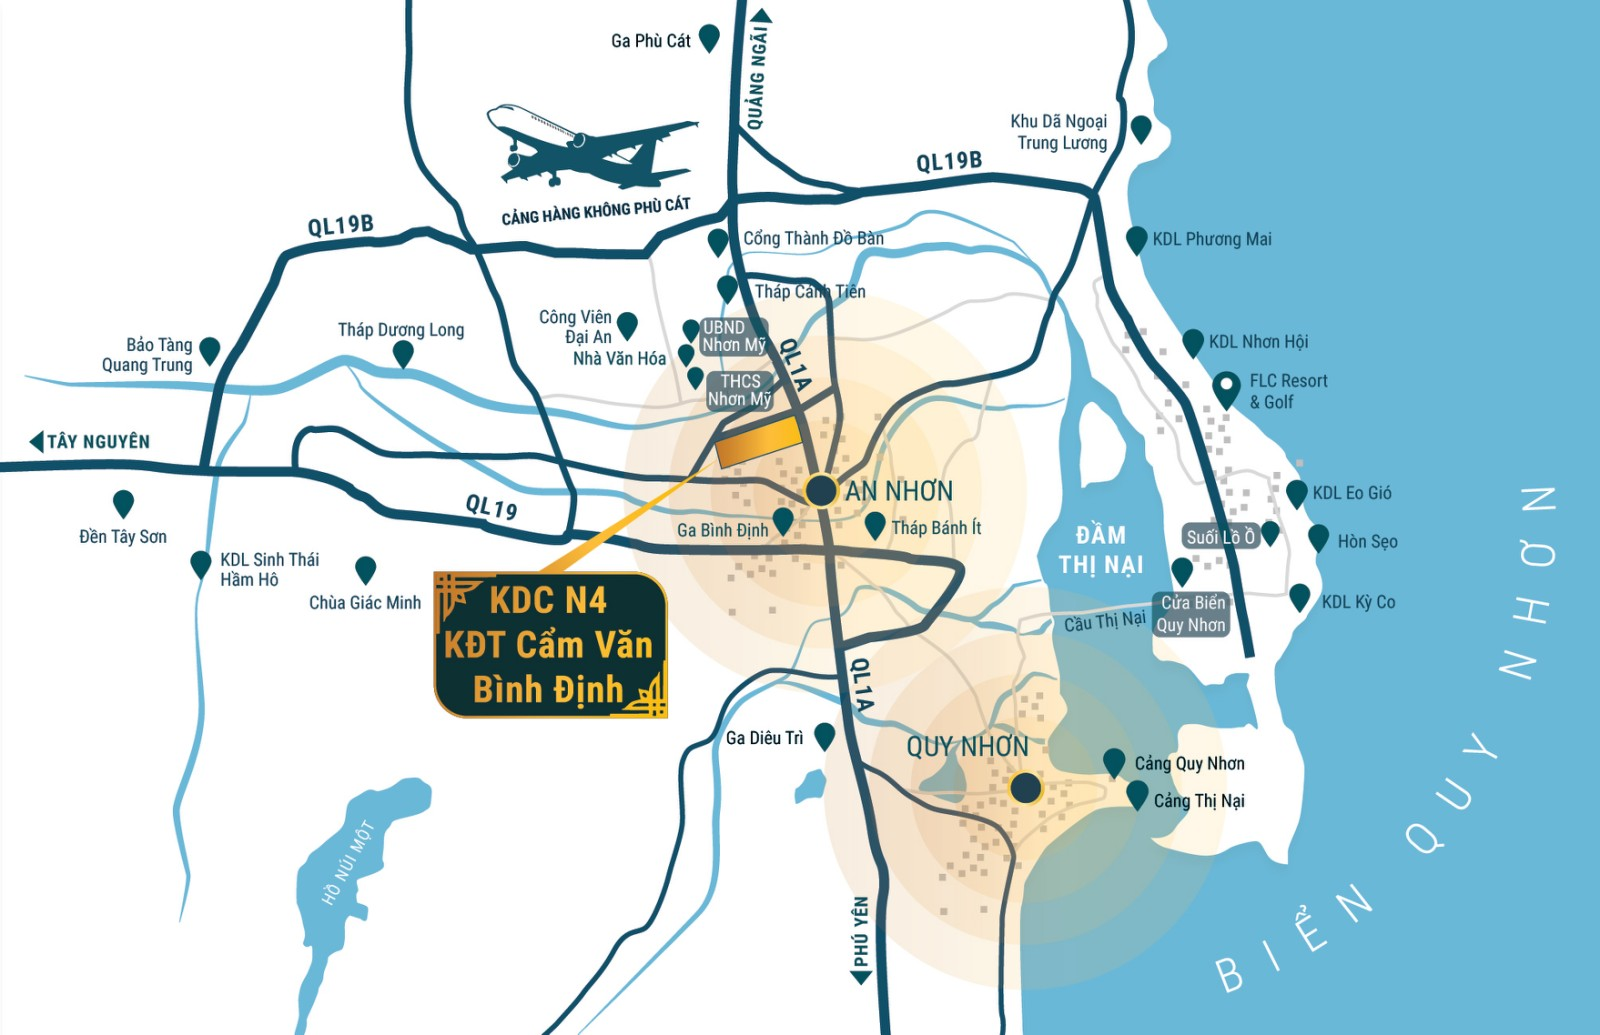 Bản đồ vị trí khu đô thị cẩm văn